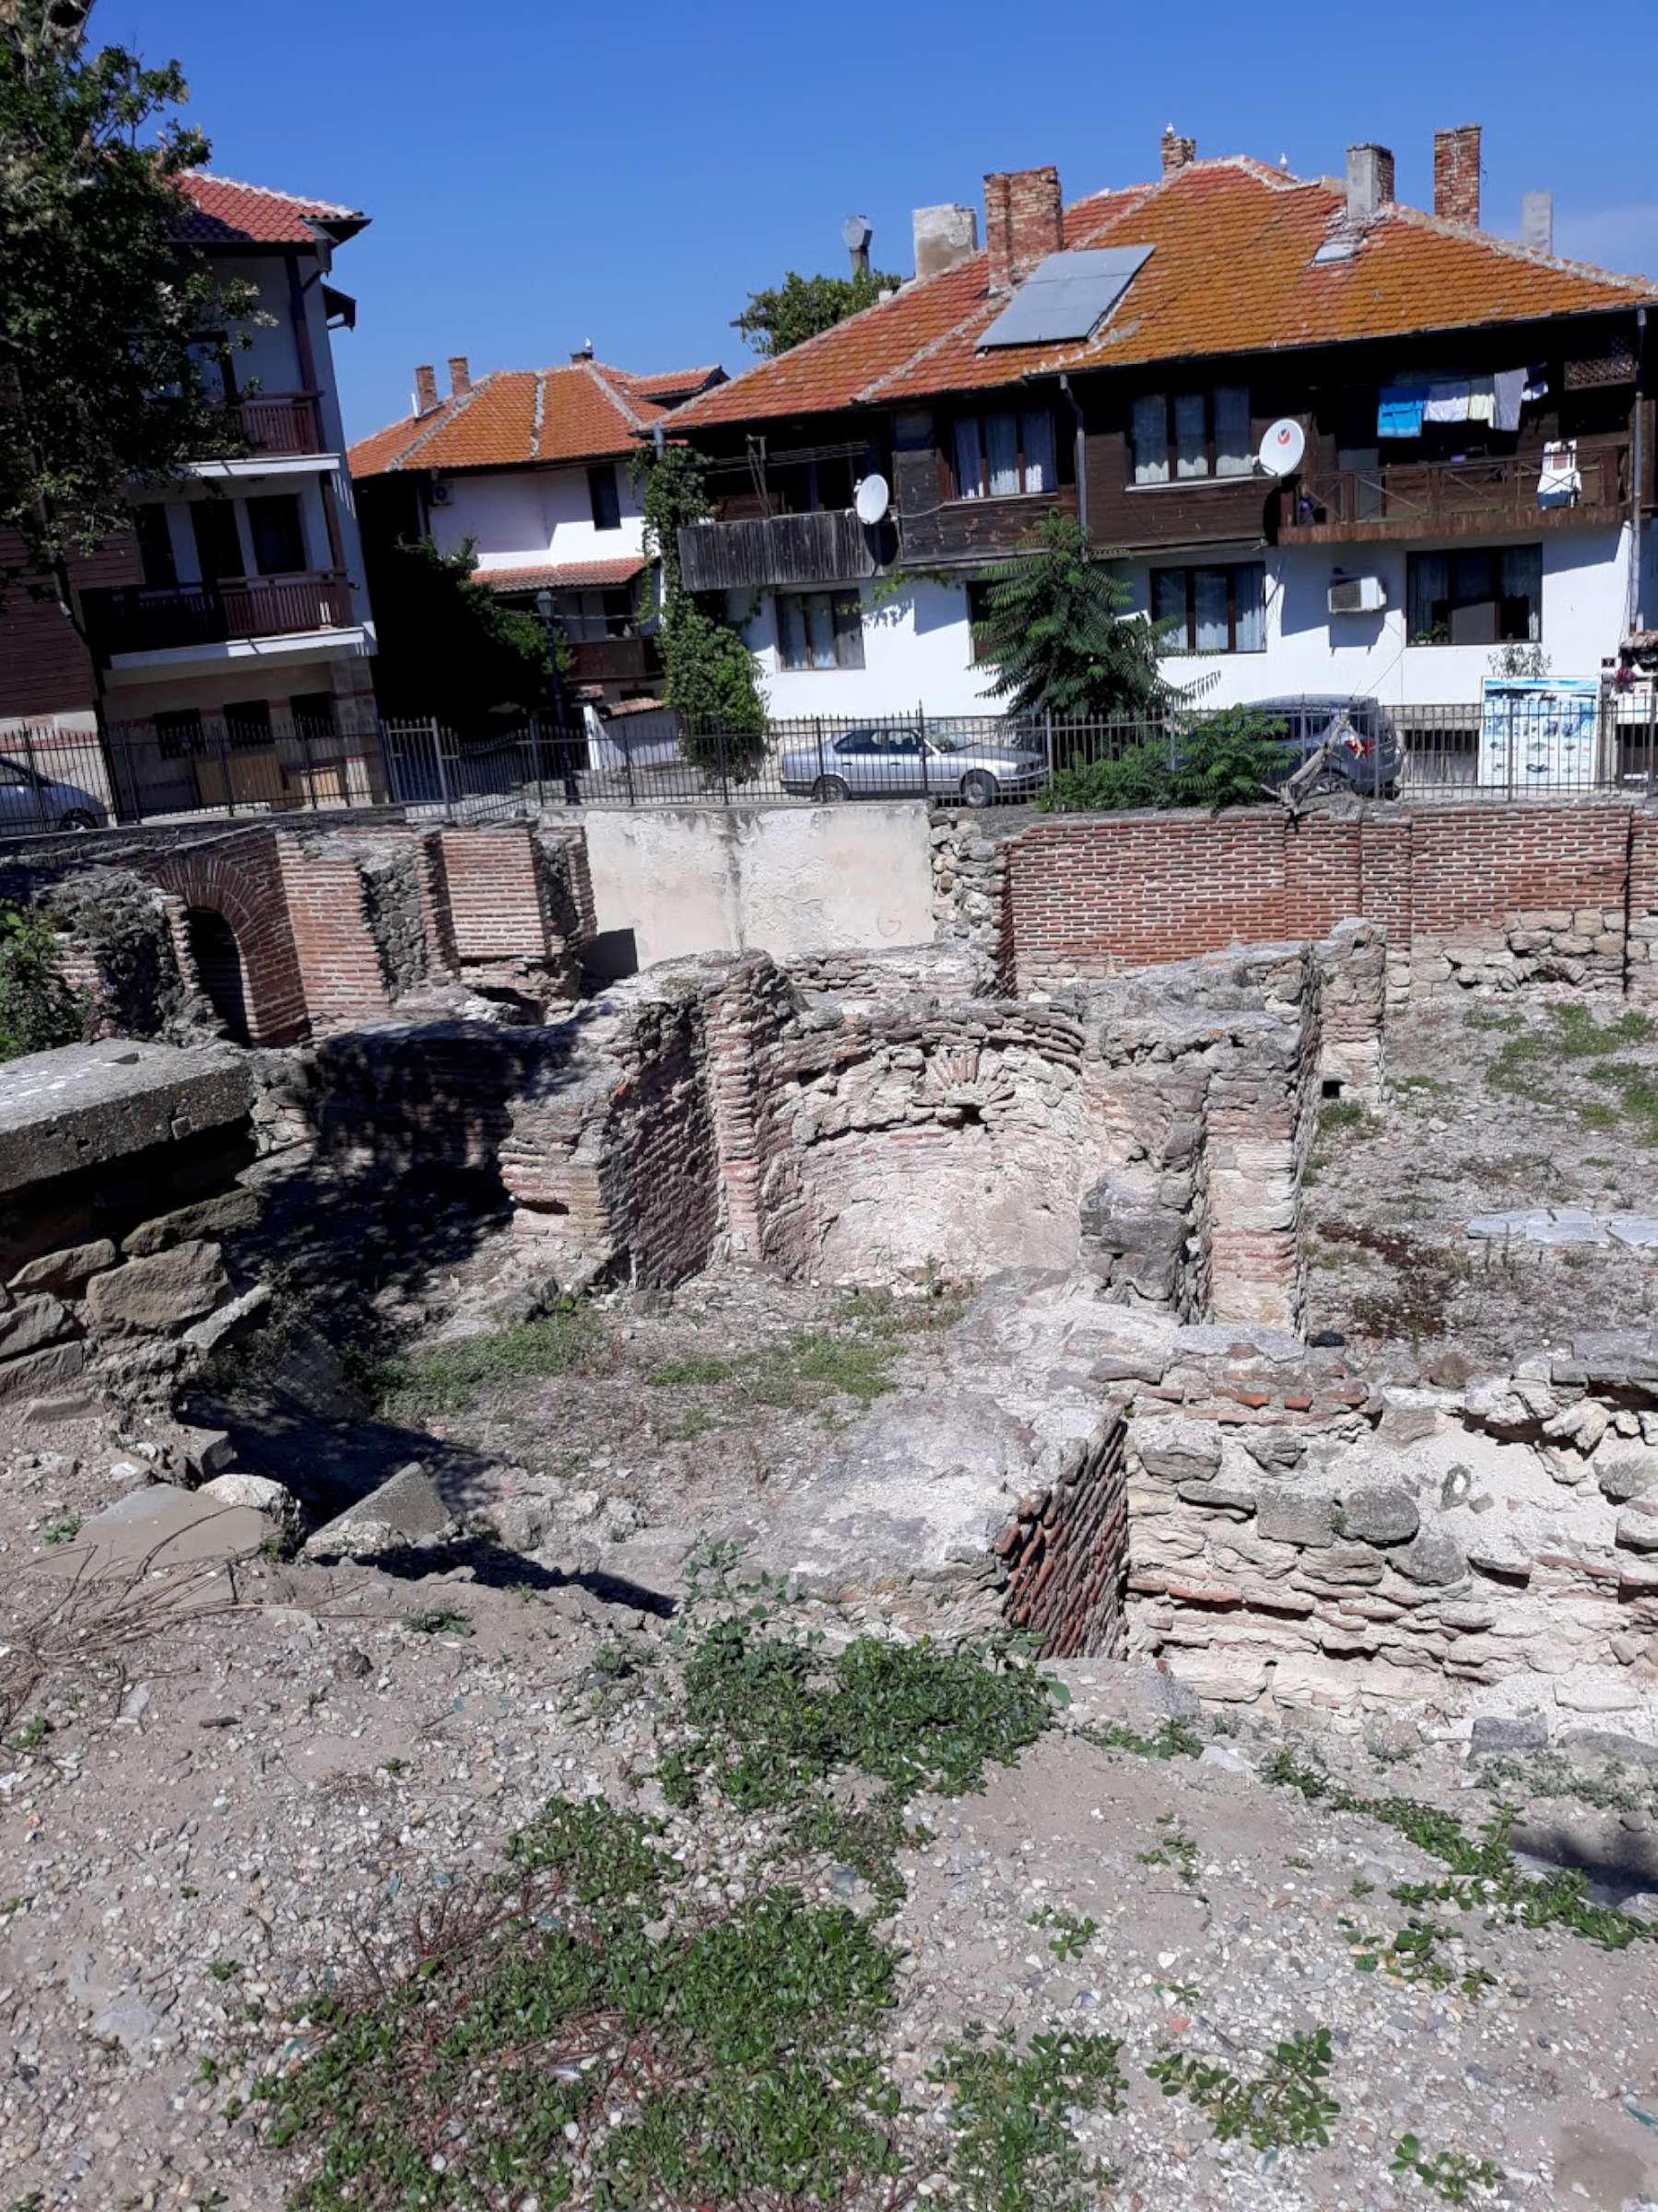 Bulgarija | R.Jasukaitienės nuotr.